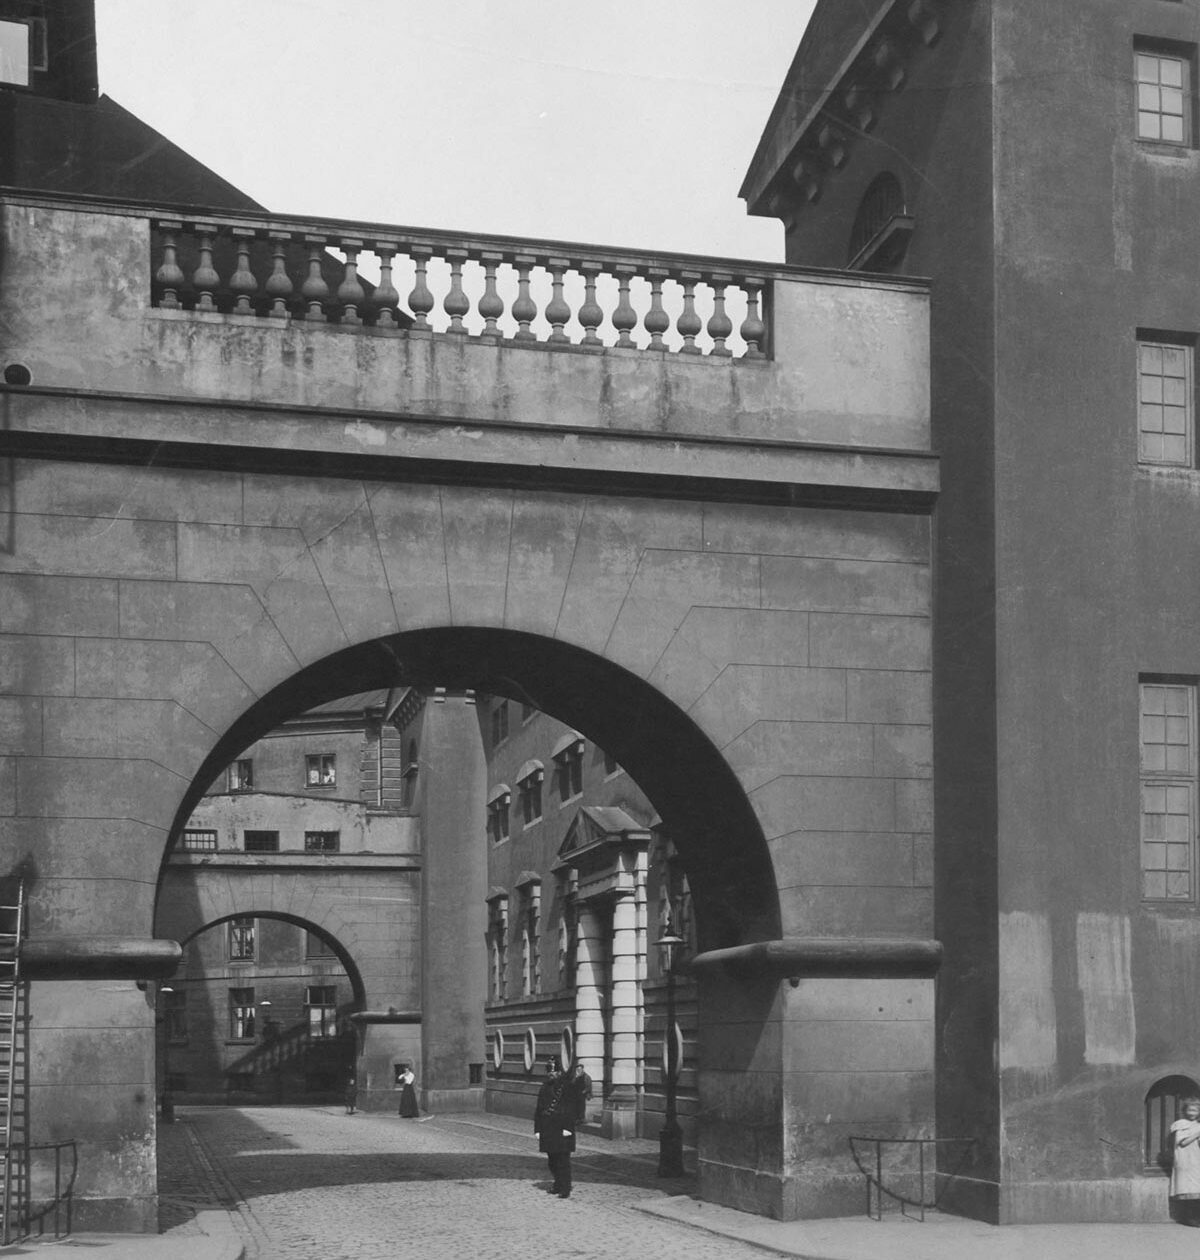 Sukkenes Bro. Foto 1908: Ukendt fotograf, Københavns Museum.